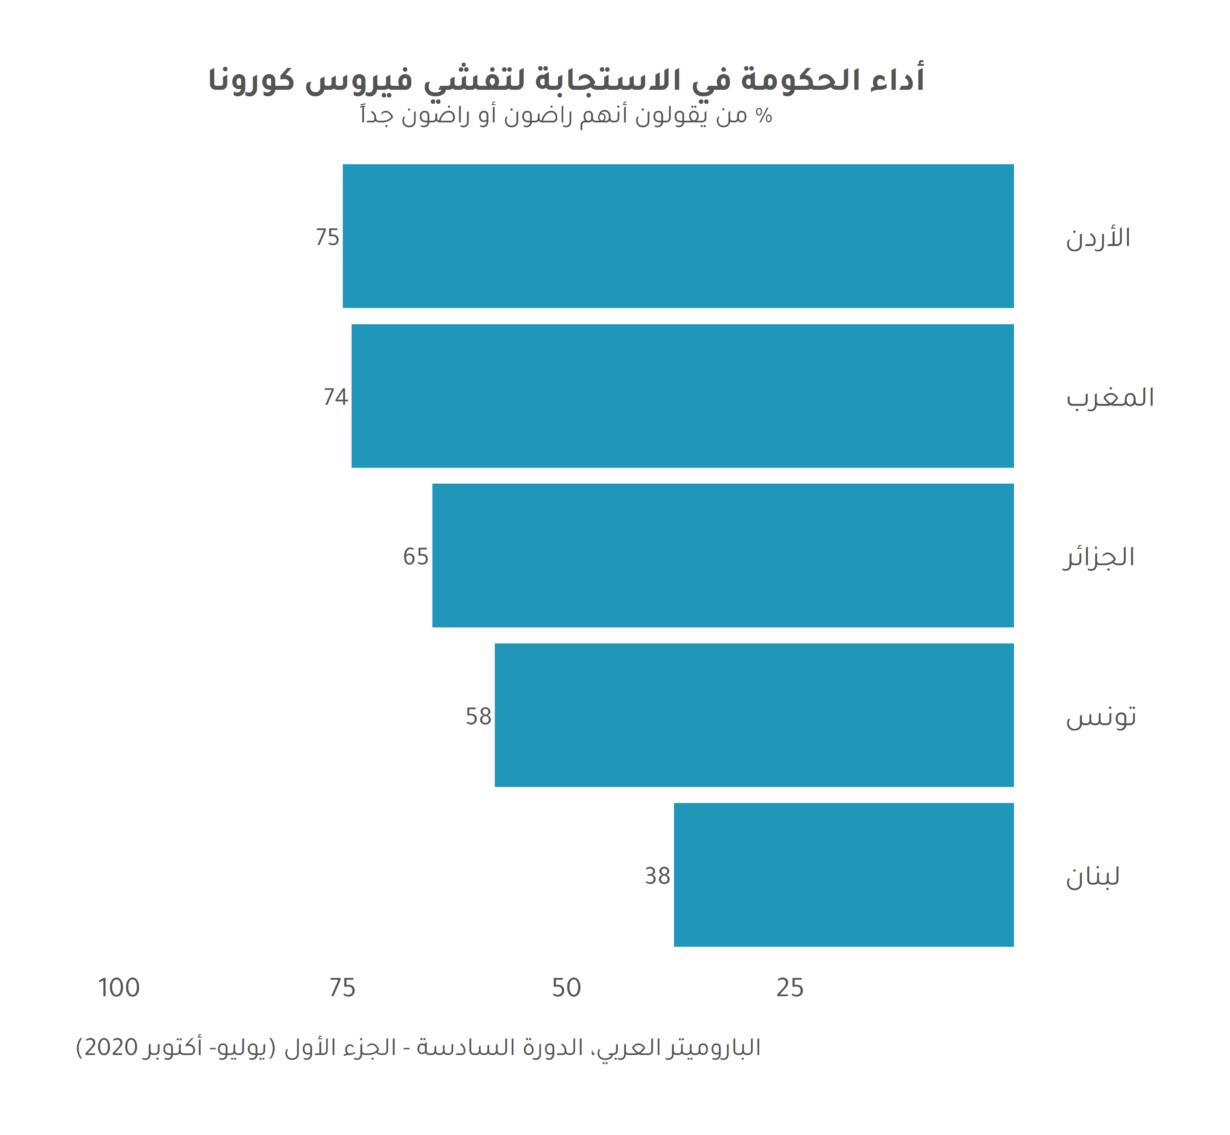 تقييم العرب لتعامل حكوماتهم مع جائحة كوفيد-19